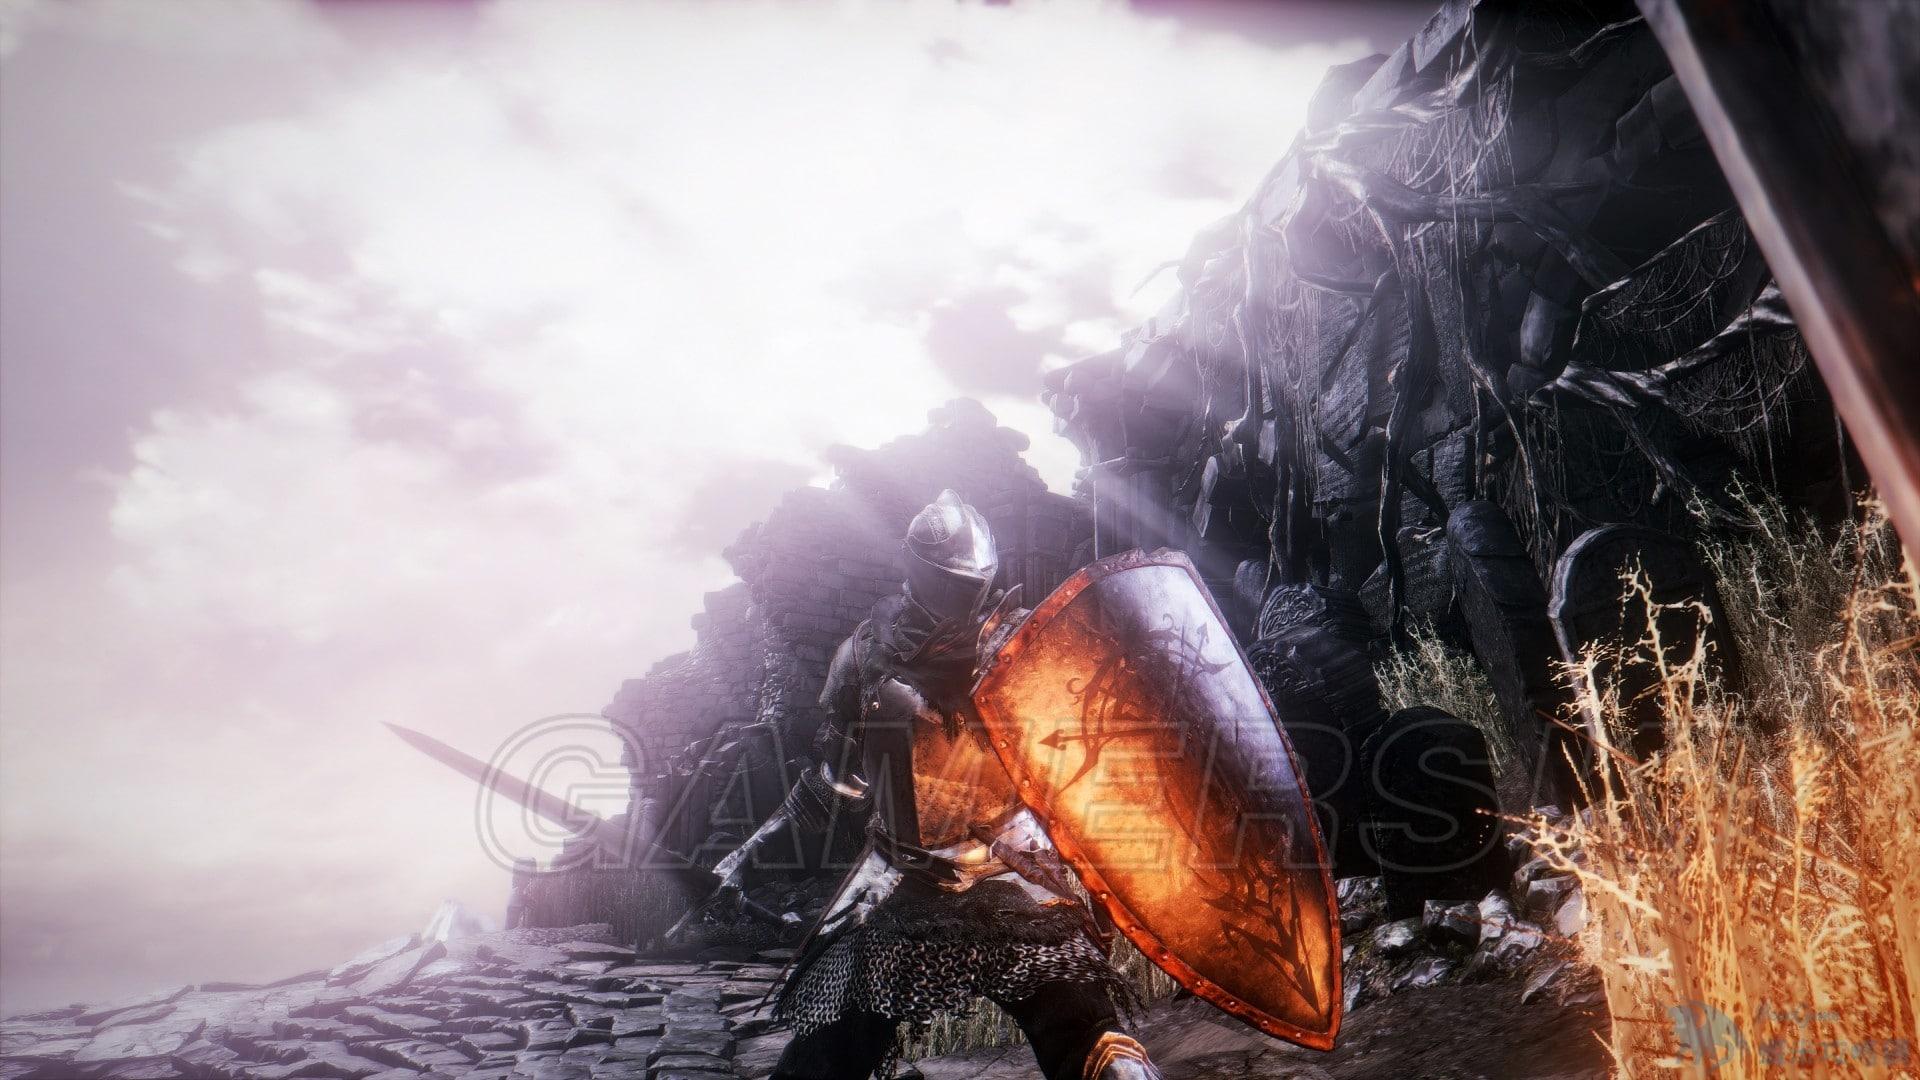 黑暗靈魂3 全武器及盾牌圖鑑 武器有哪些